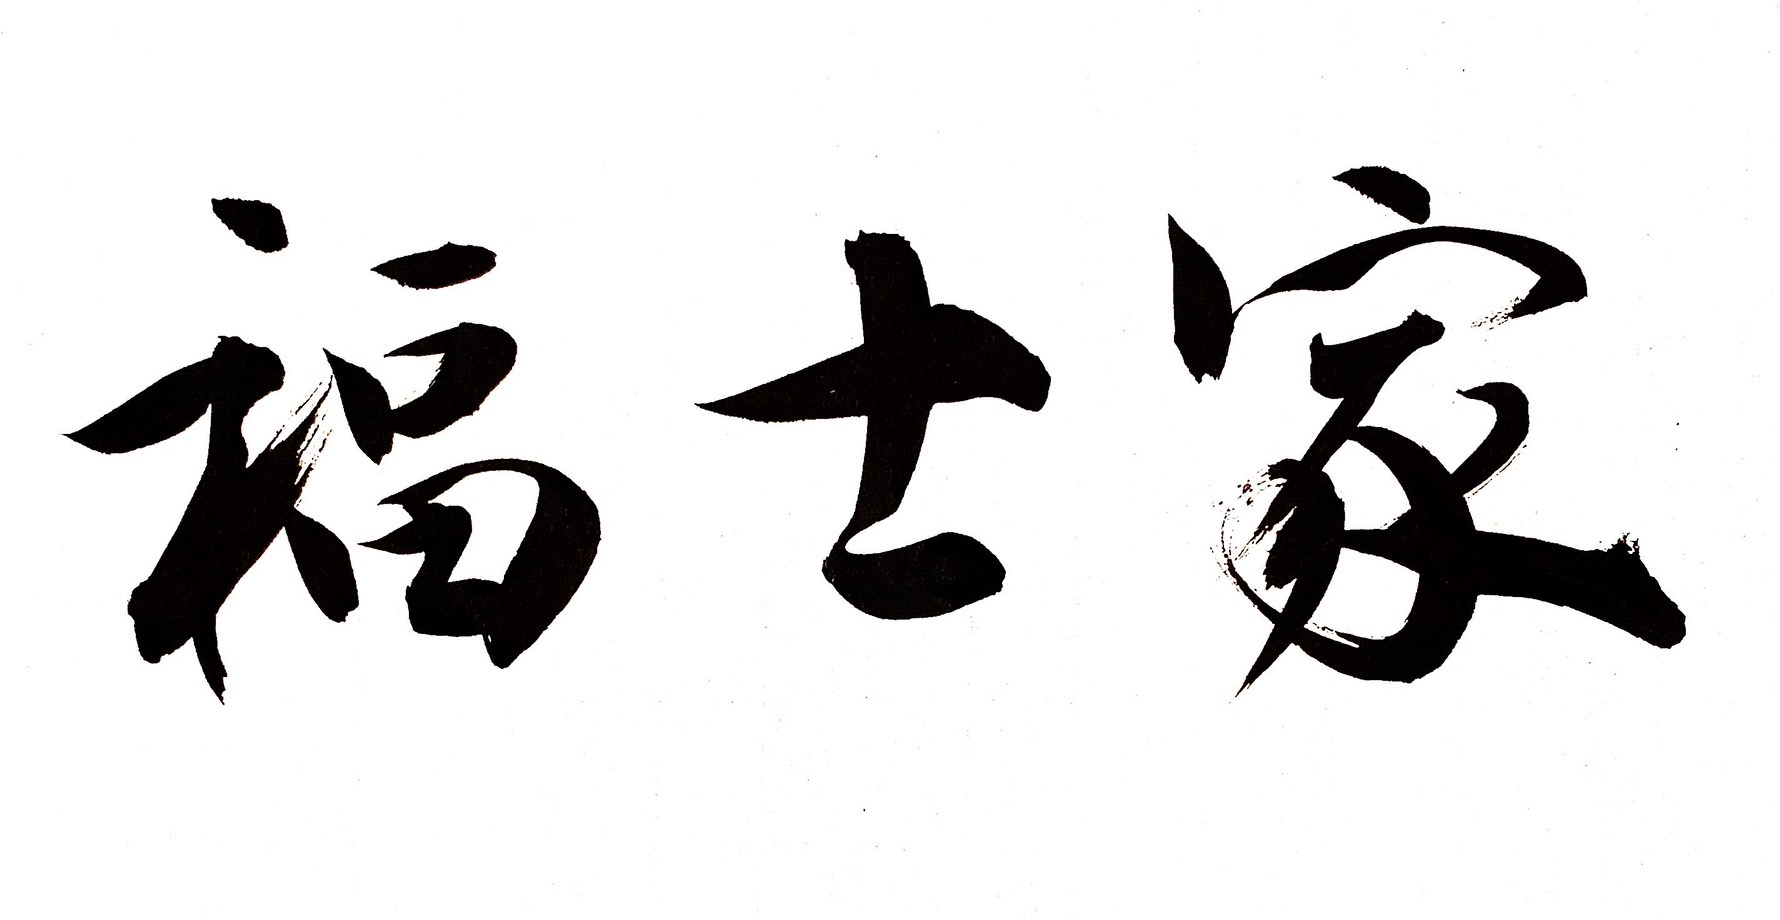 墓石デザイン | 札幌市中央区円山の会員制書道教室「華」